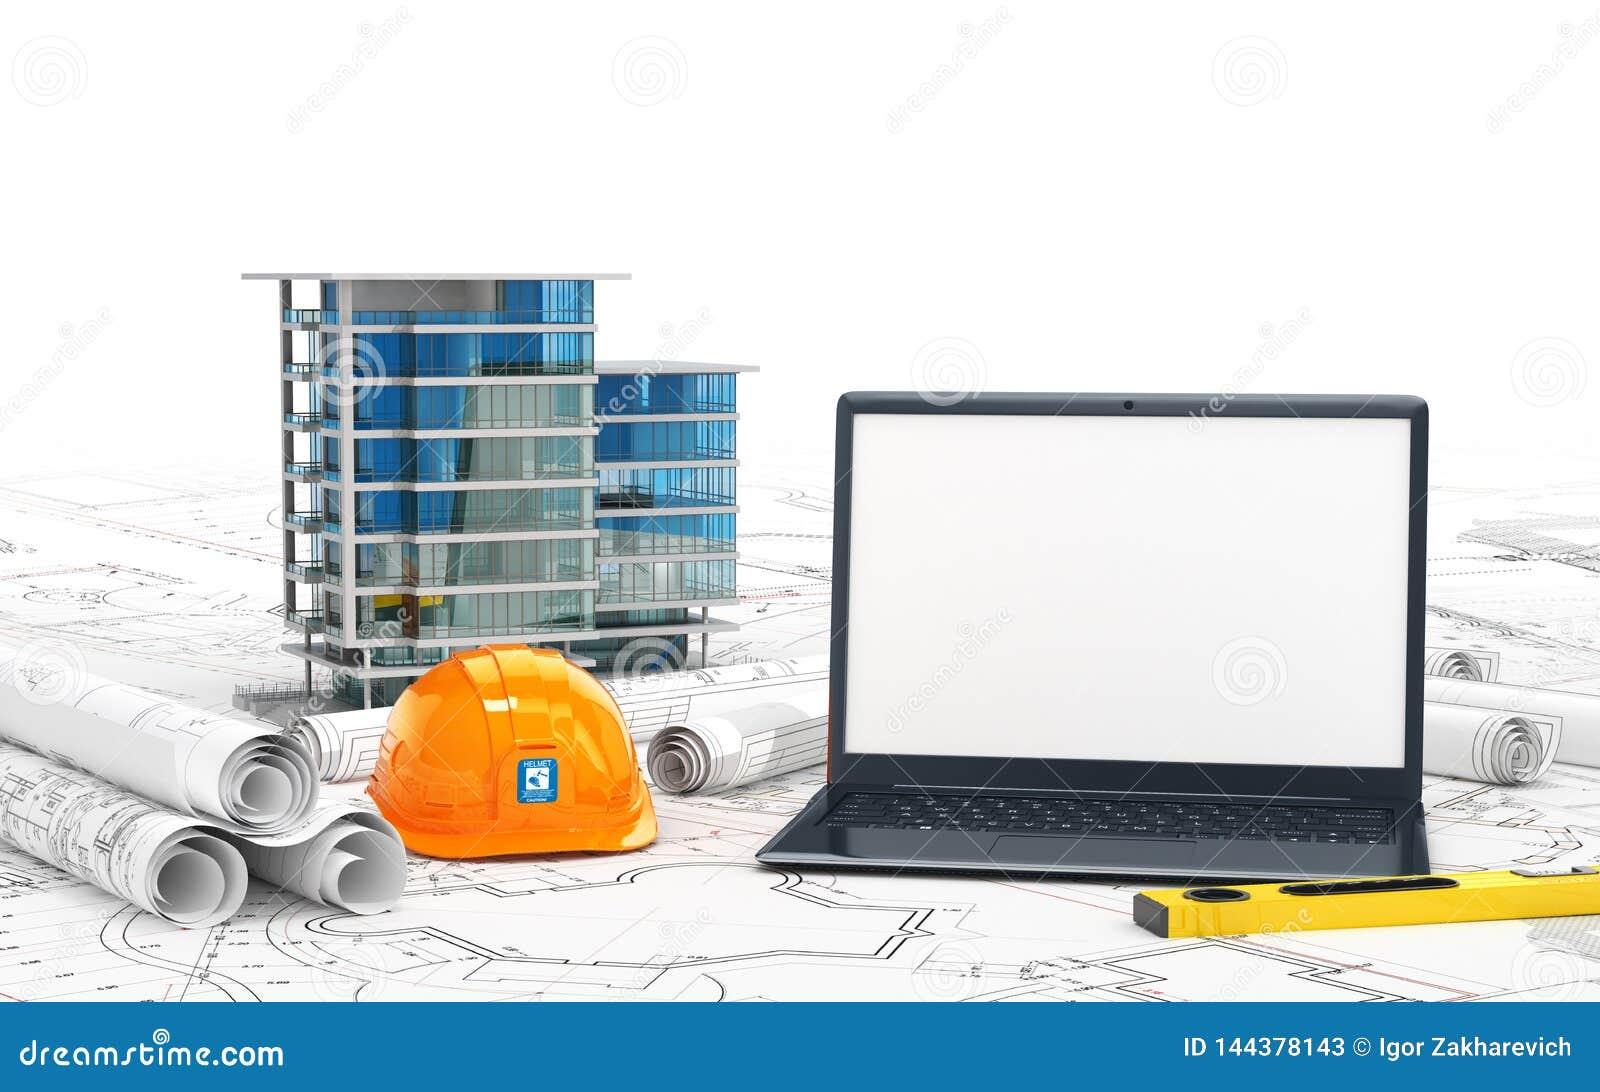 Planeamiento de la casa, de los proyectos de dibujo, de un casco y de un ordenador portátil abierto con una pantalla en blanco